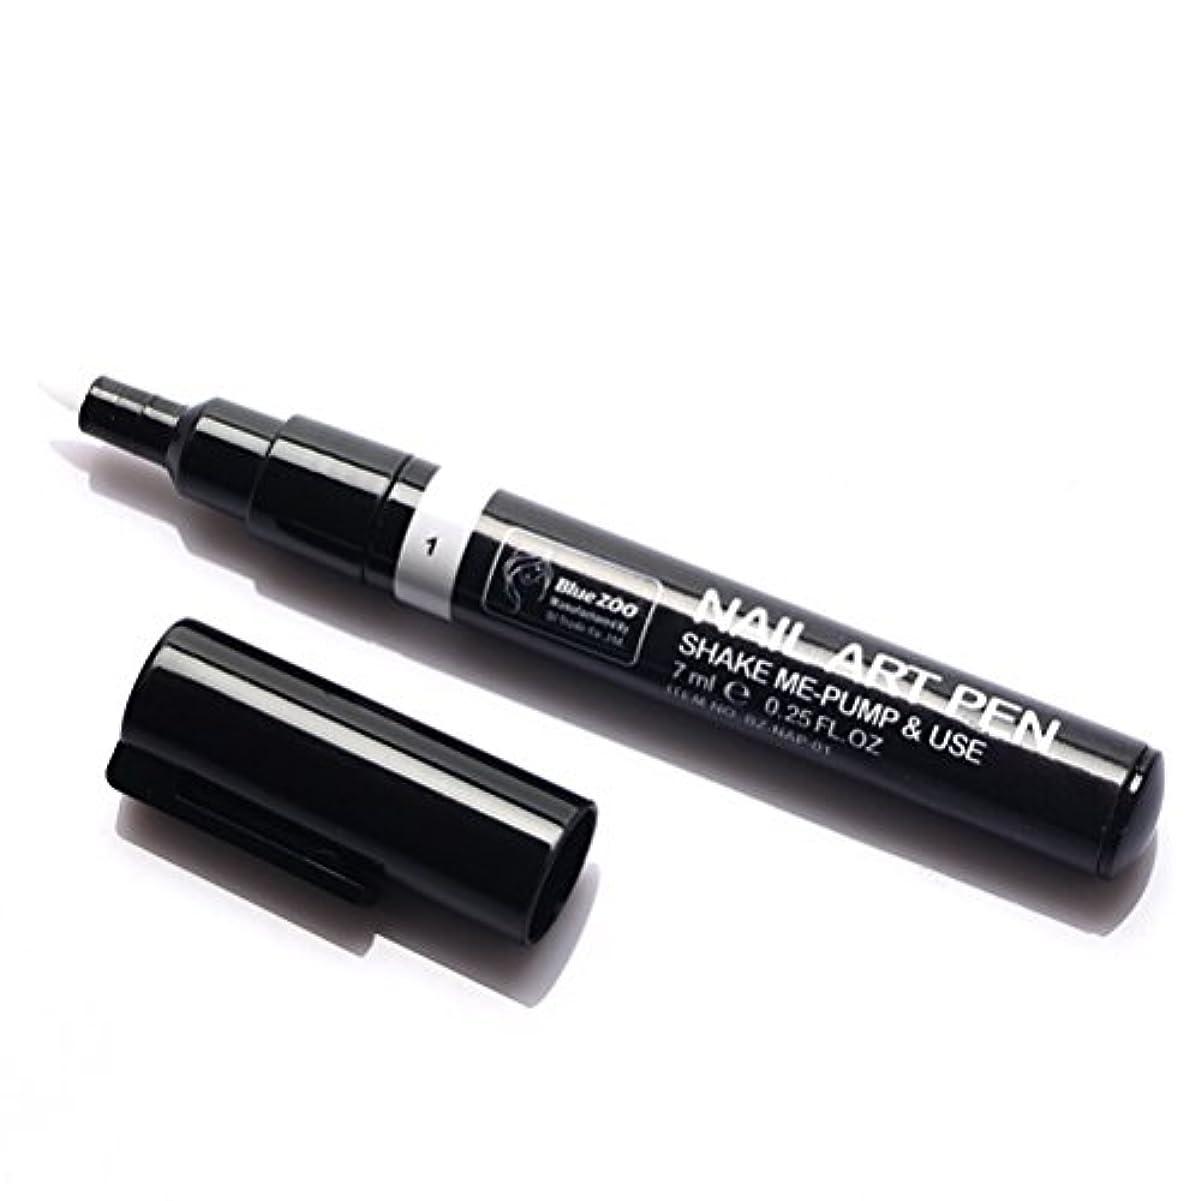 ランチョン印象的なリフレッシュ(メイクアップエーシーシー) MakeupAcc カラーネイルアートペン 3Dネイルペン ネイルアートペン ネイルマニキュア液 ペイントペン ペイント 両用 DIY 16色 (白い) [並行輸入品]